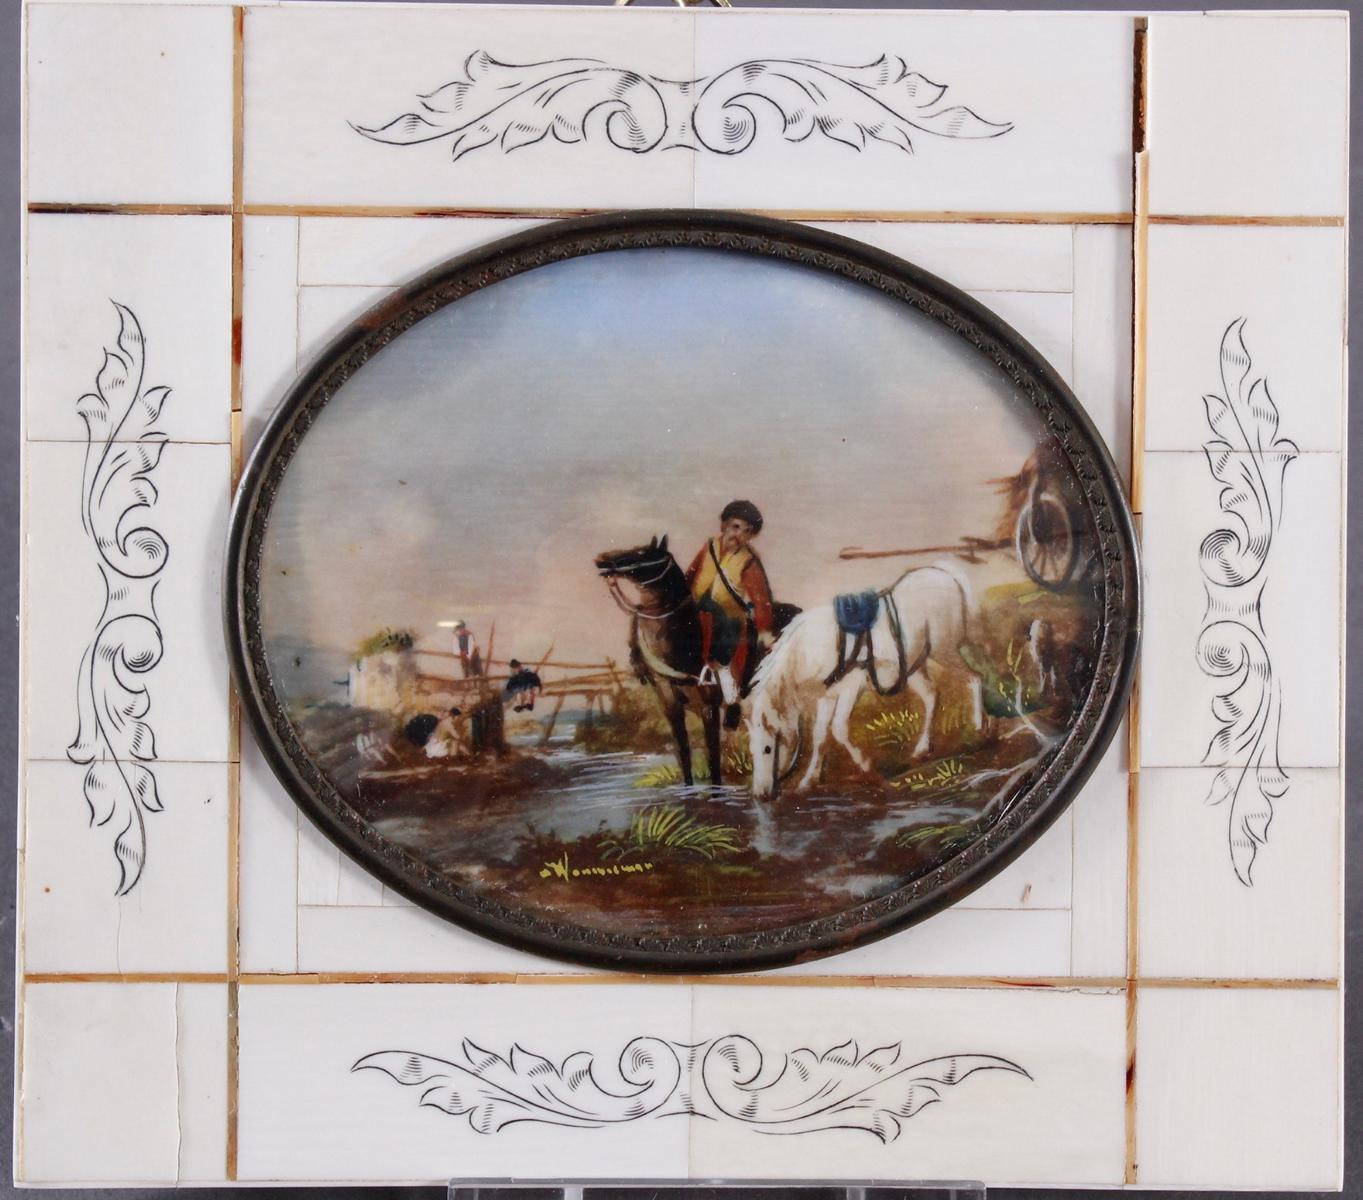 Elfenbein-Miniatur 'Der Fuhrmann' aus dem 19. Jh.